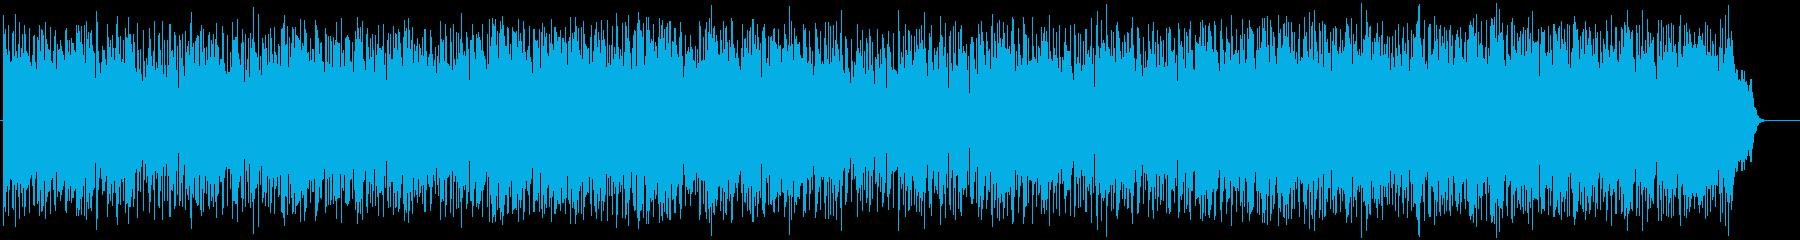 安心感のあるフュージョン(フルサイズ)の再生済みの波形